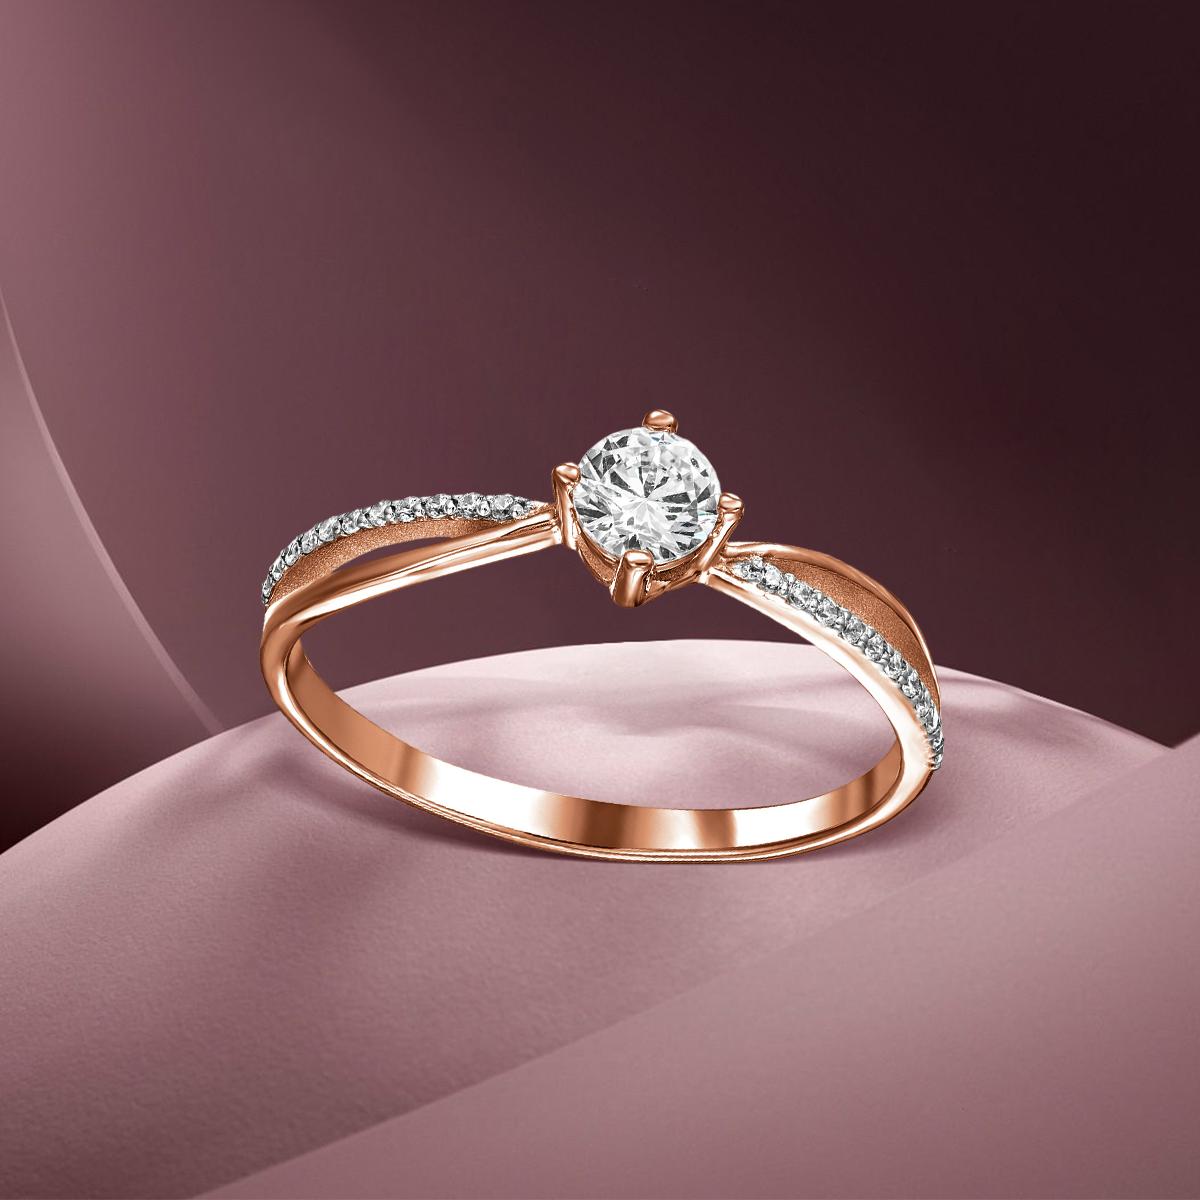 Кольца: самые популярные украшения среди женщин!